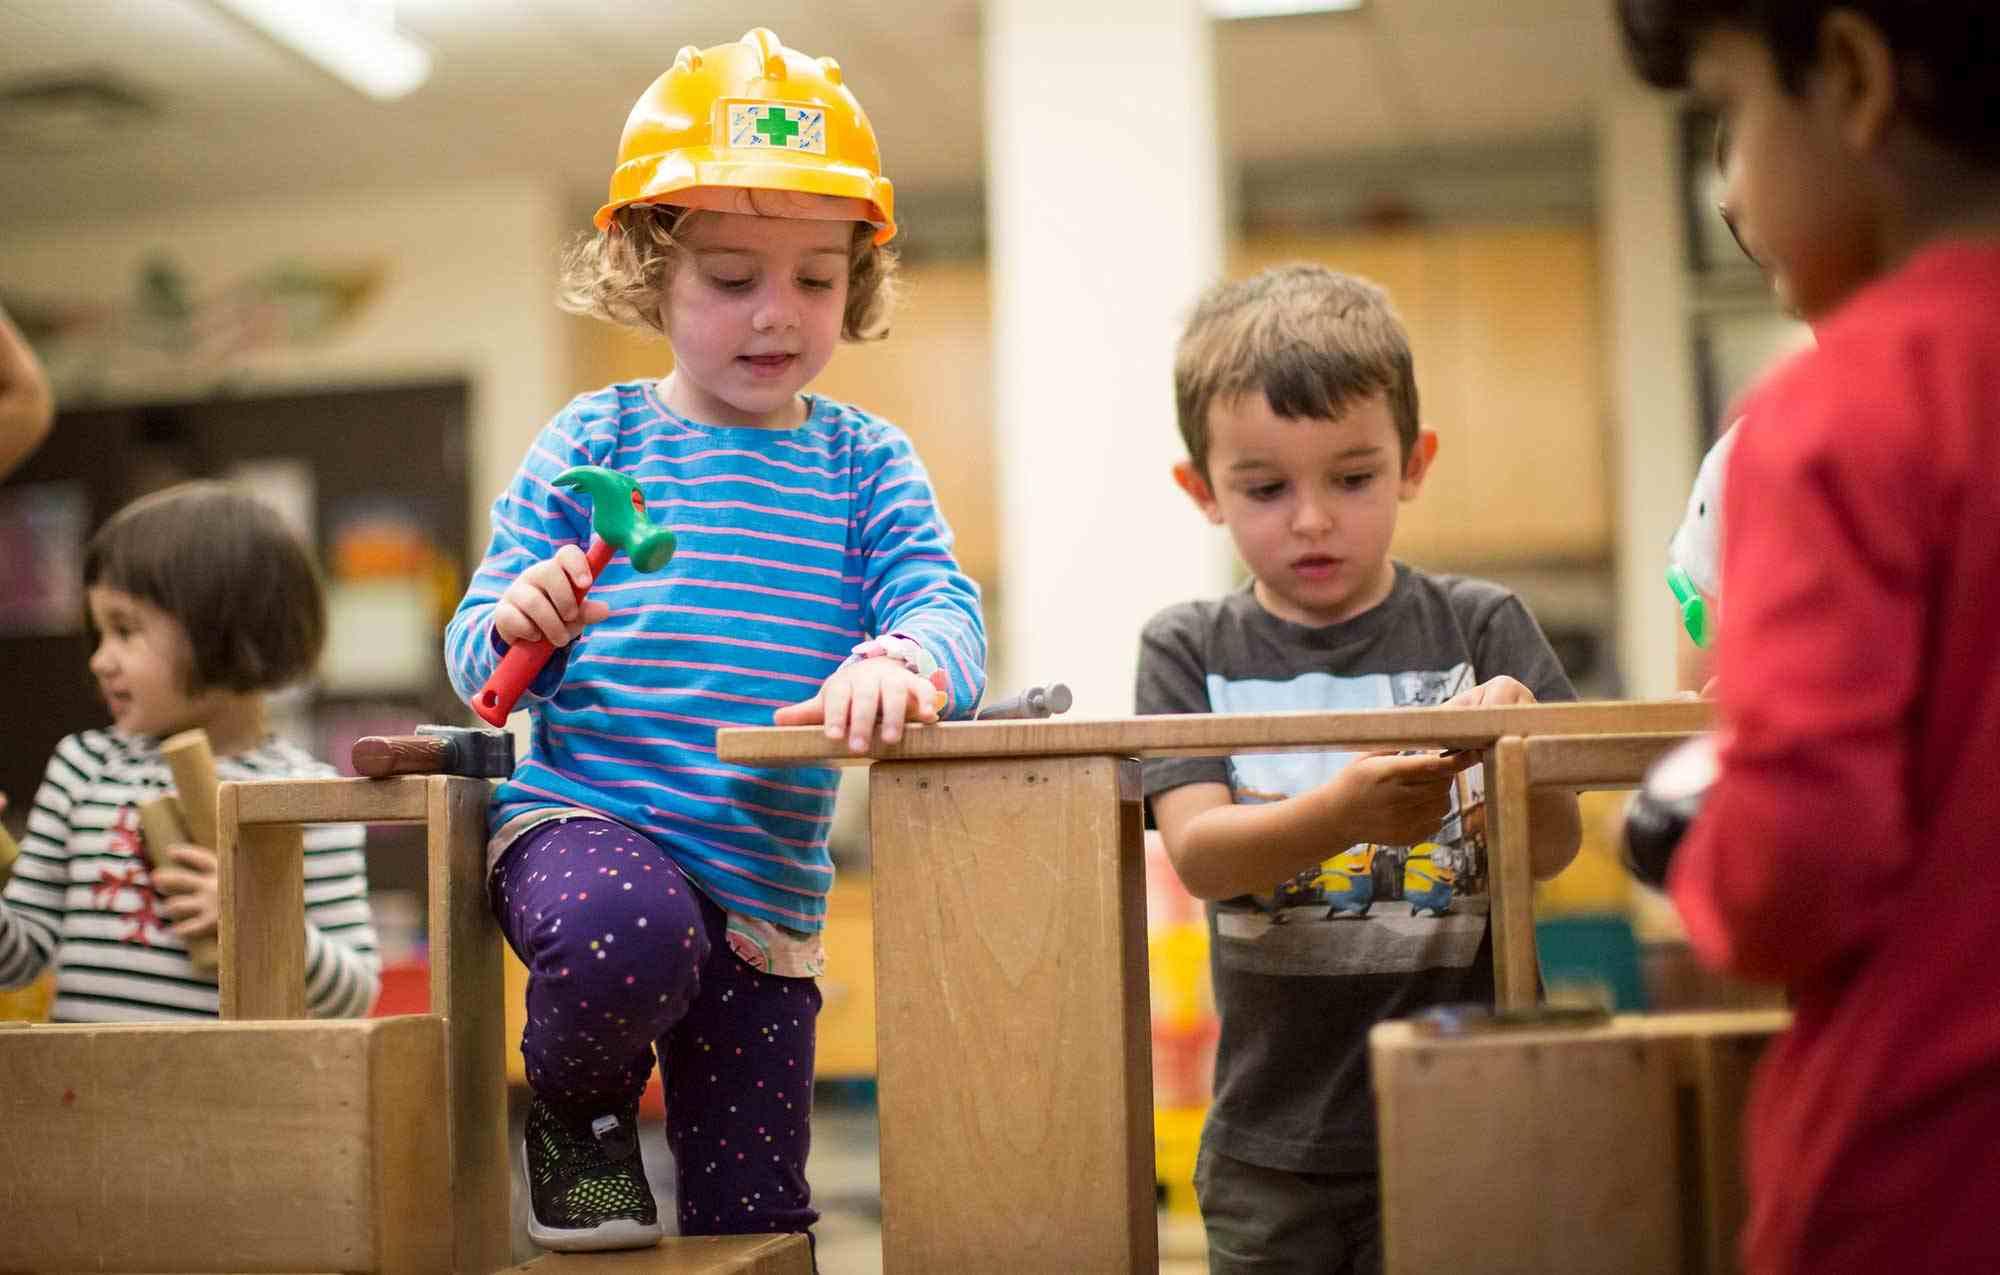 یادگیری مهارت در کودکی و نوجوانی